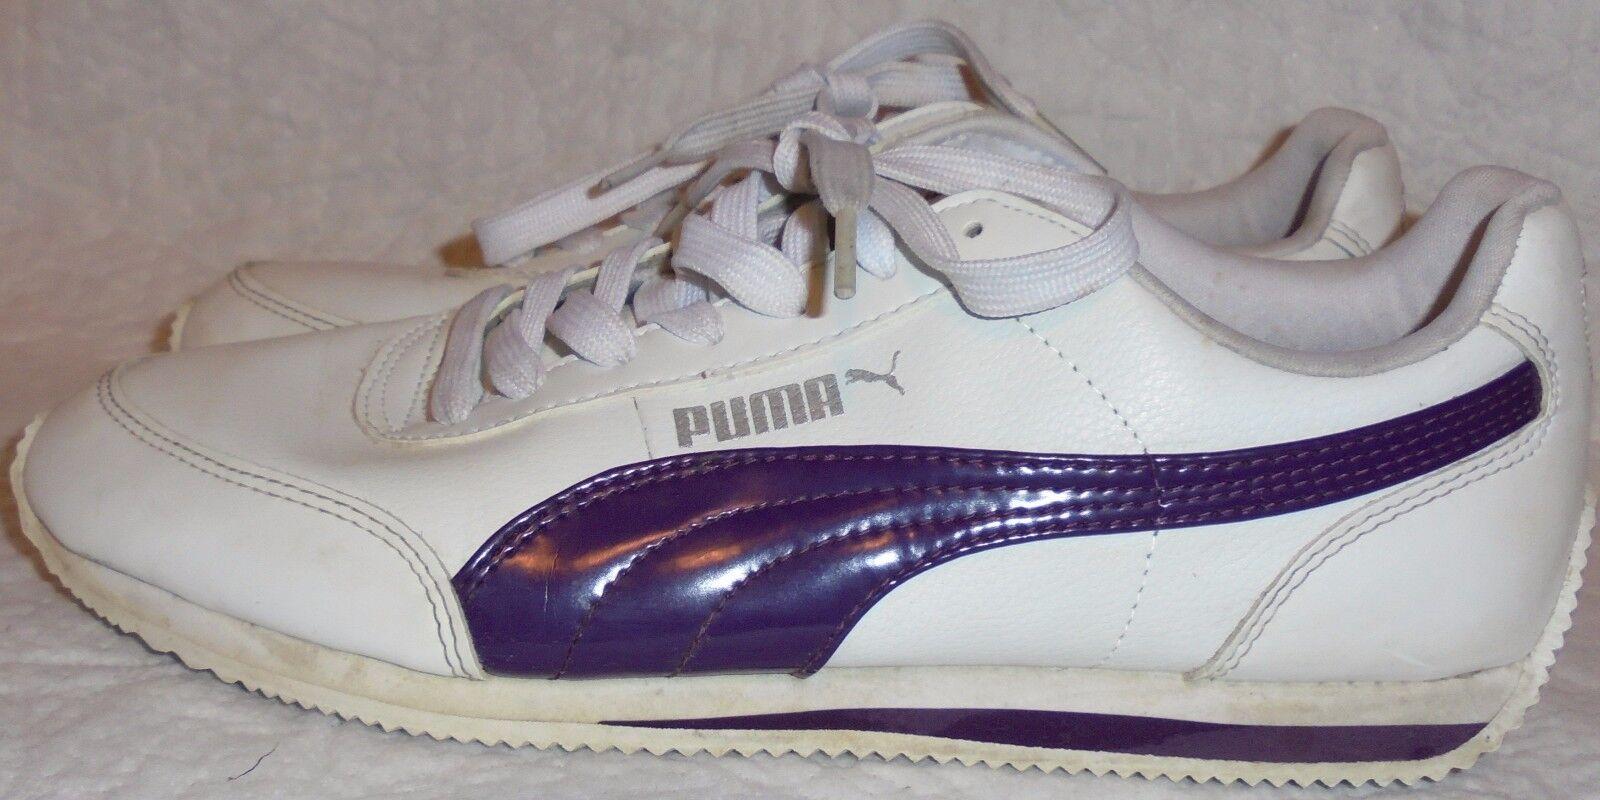 PUMA LADIES BlancoMorado ATHLETIC talla ATHLETIC BlancoMorado SHOE talla BlancoMorado 11 M 3e19cd